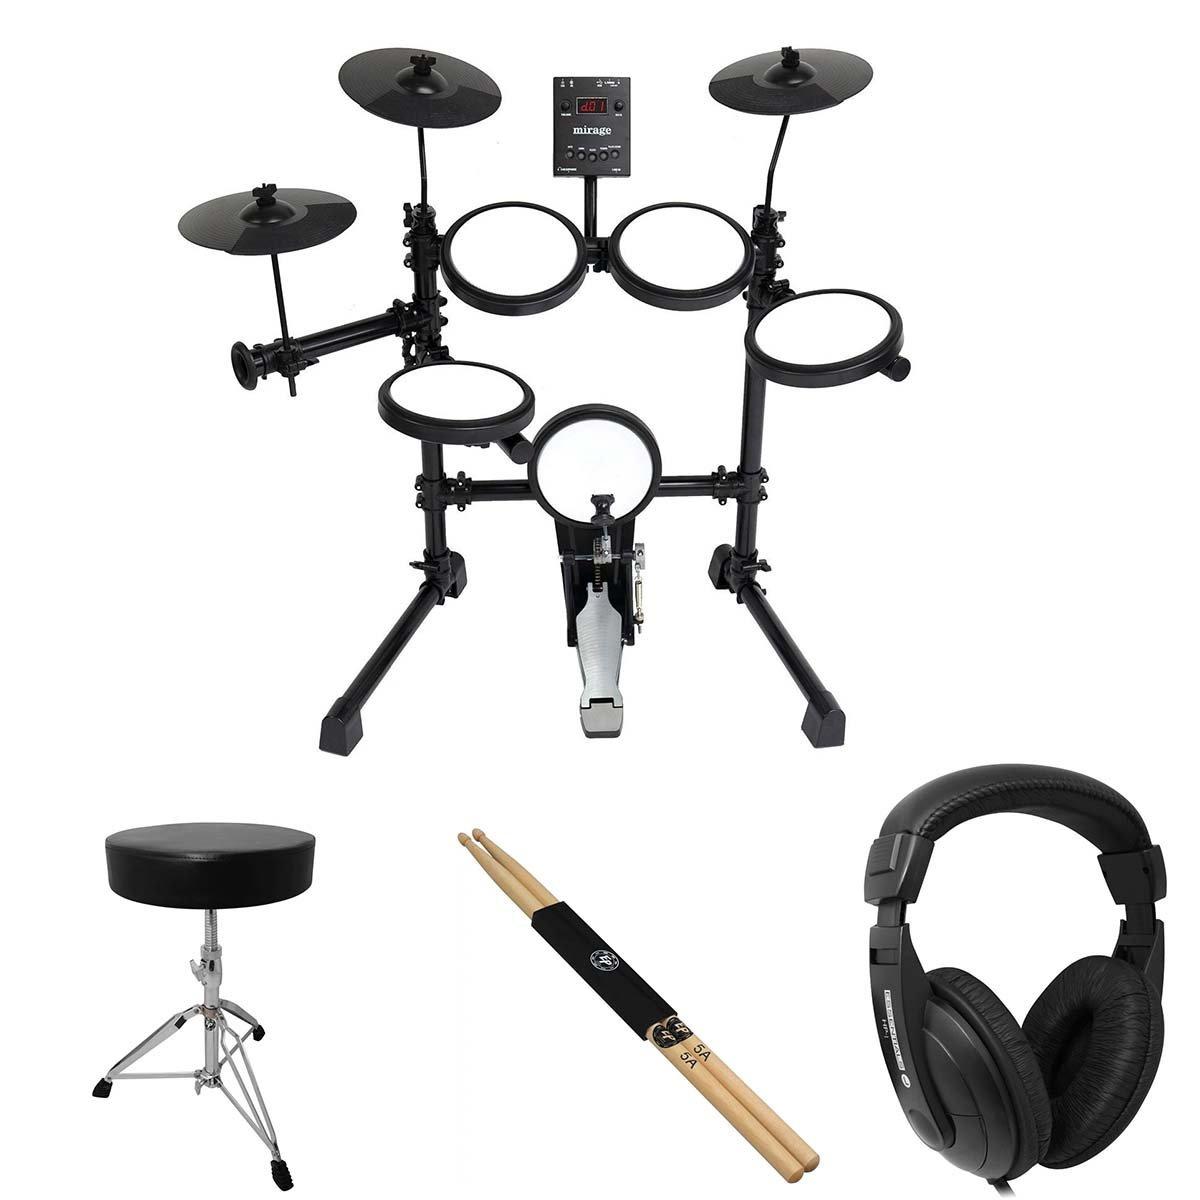 Mirage DMK-10 Mesh E-Drum Bundle Black Friday Deal - £229 delivered @ Dawsons Music